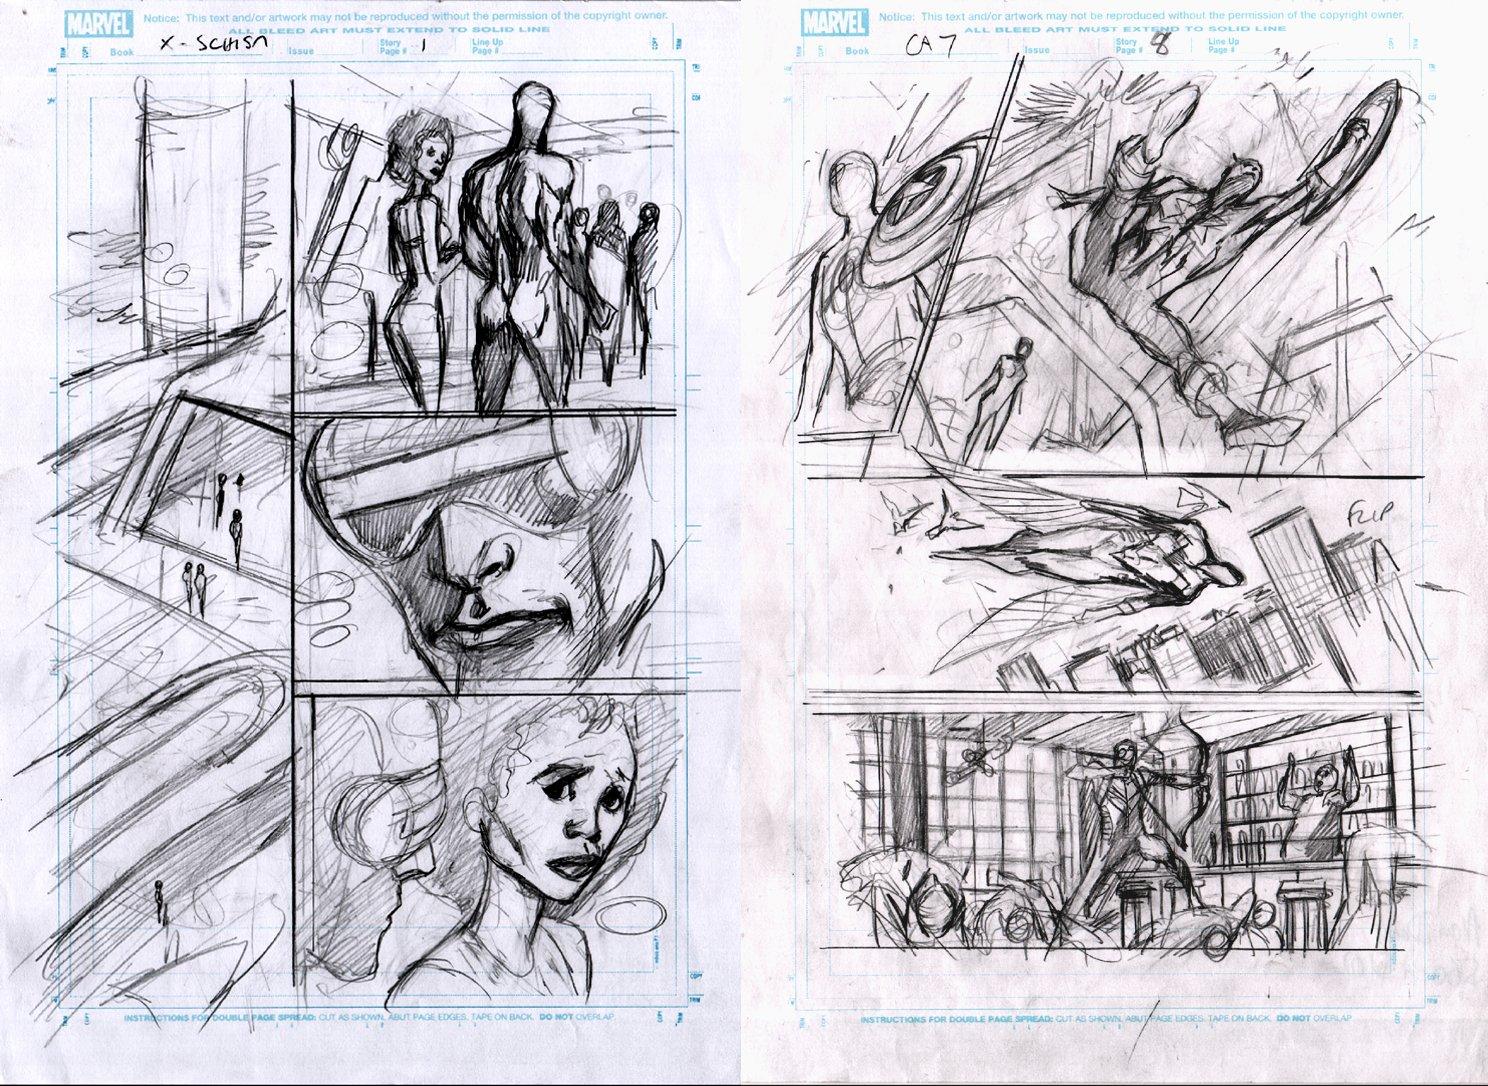 X-Men: Schism #4 p 1 & Captain America #7 p 8 Prelim Pages (2011)